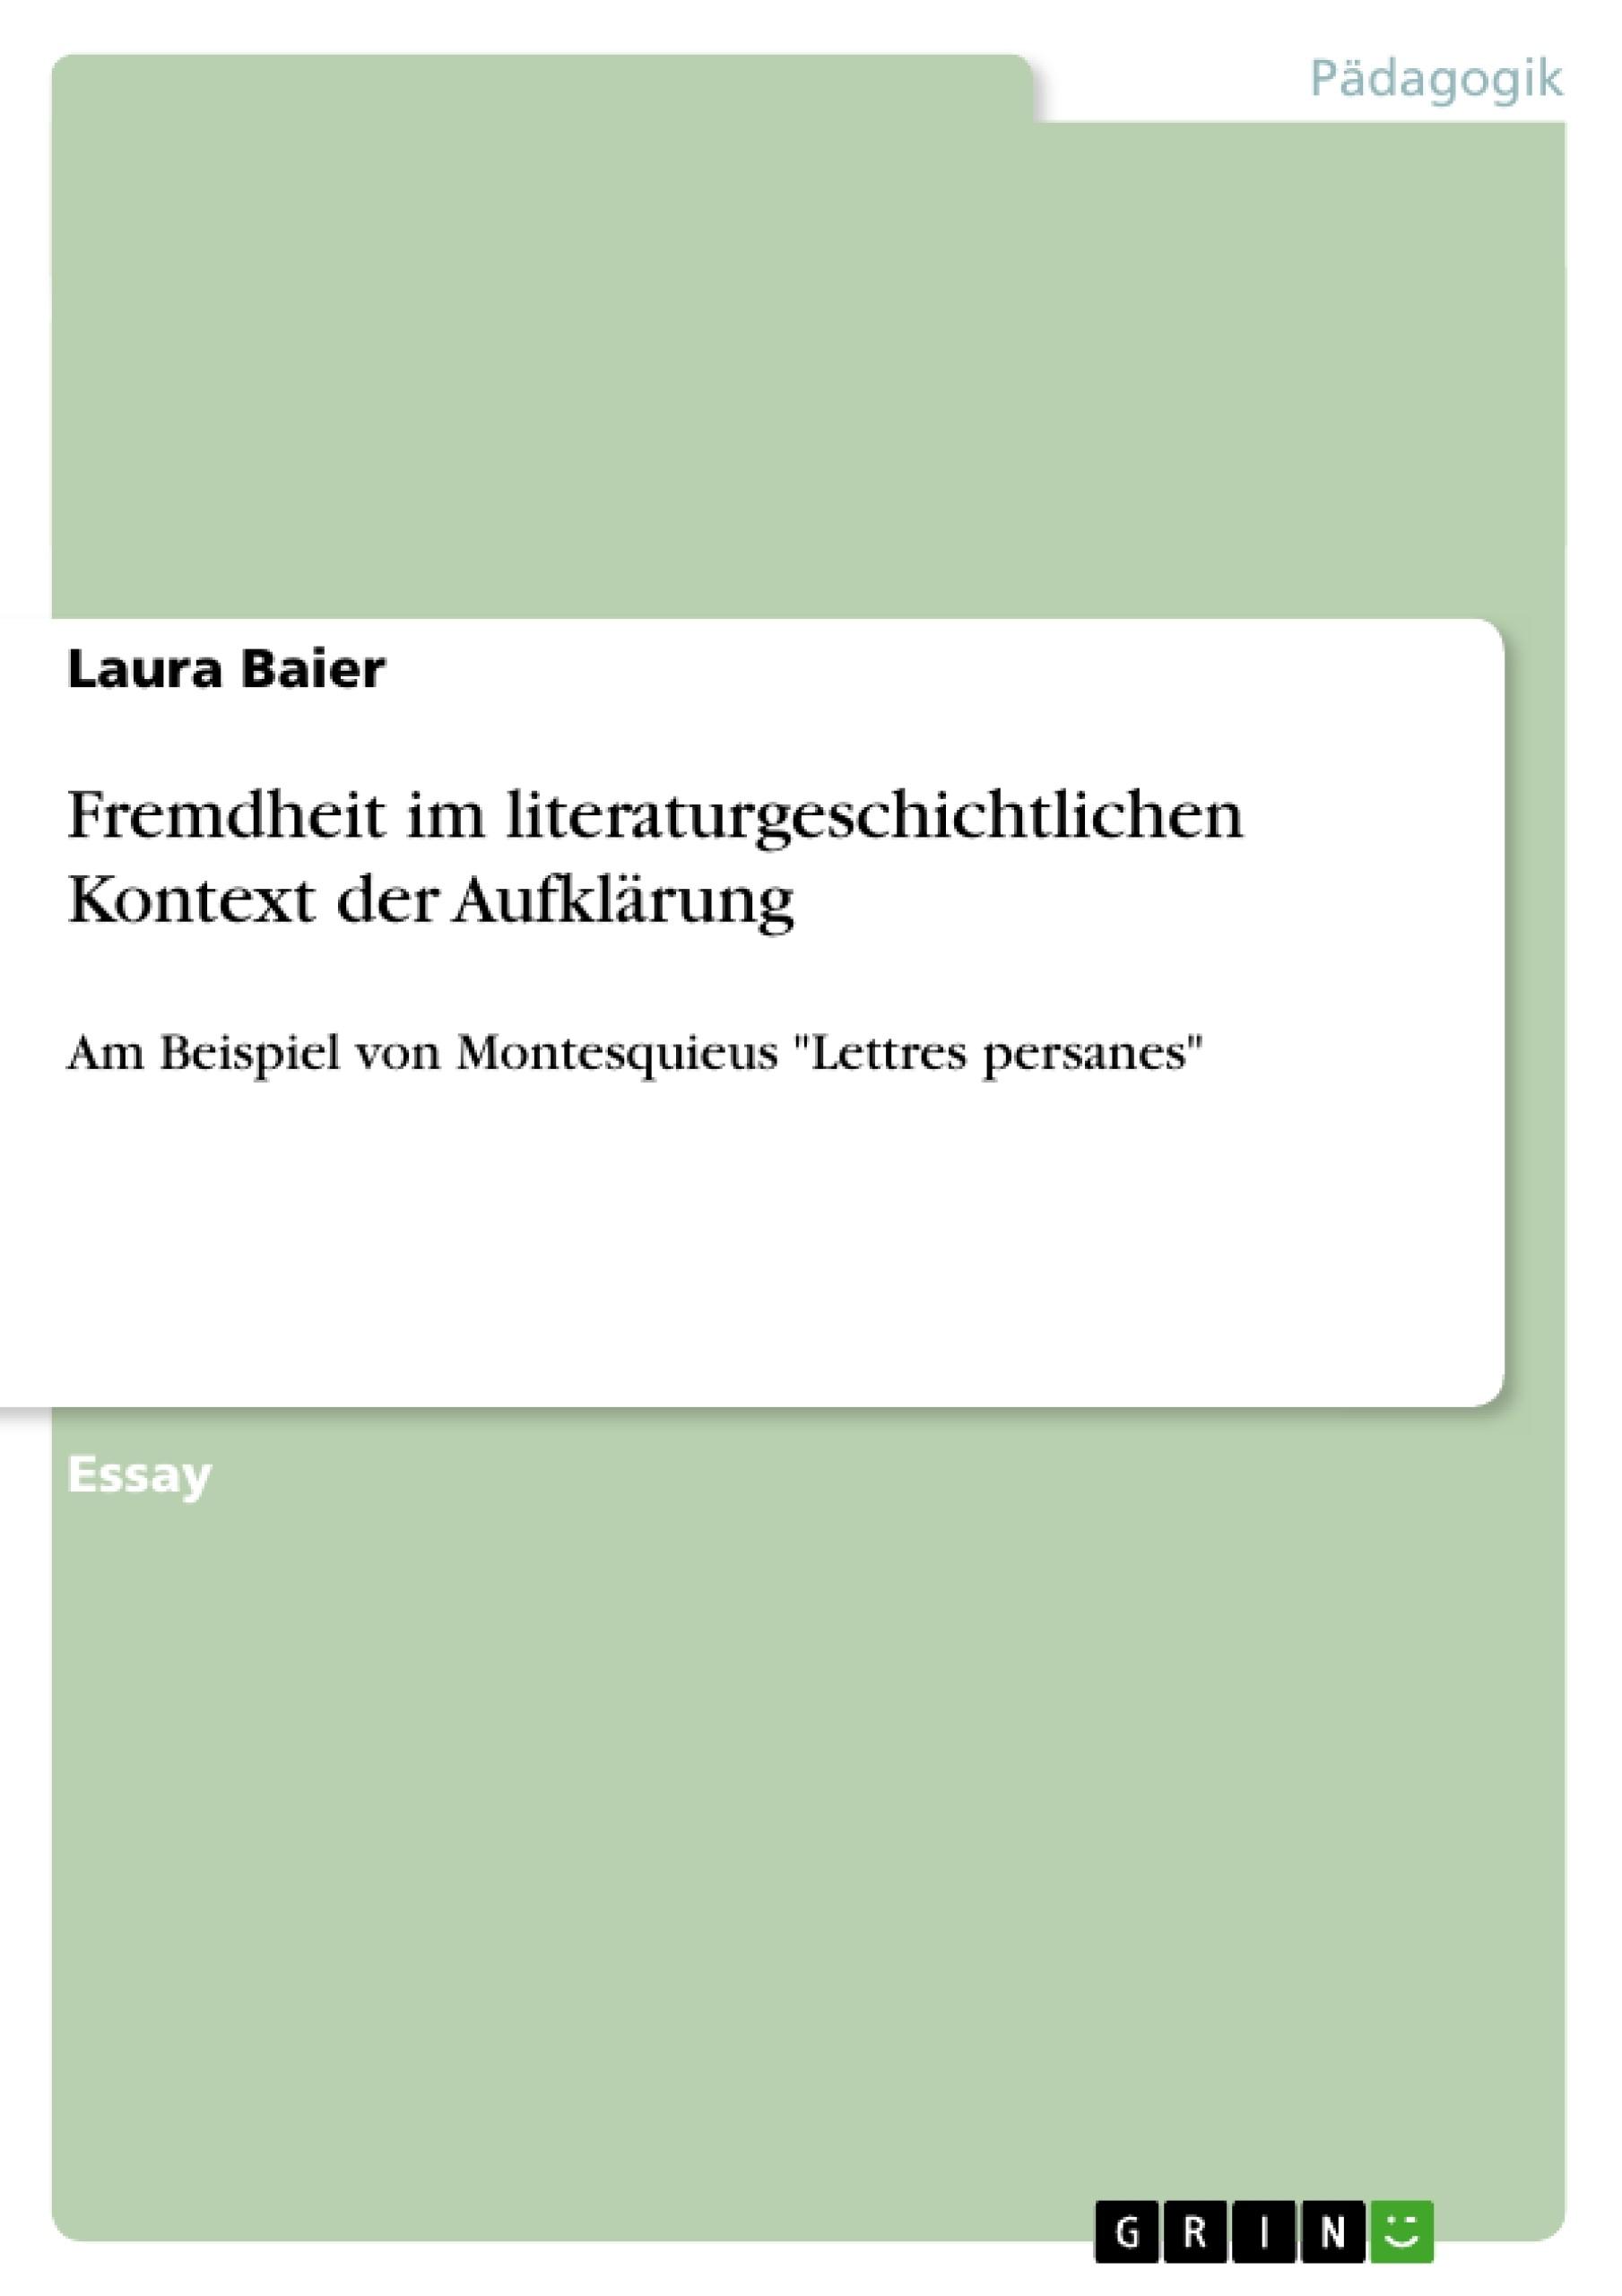 Titel: Fremdheit im literaturgeschichtlichen Kontext der Aufklärung